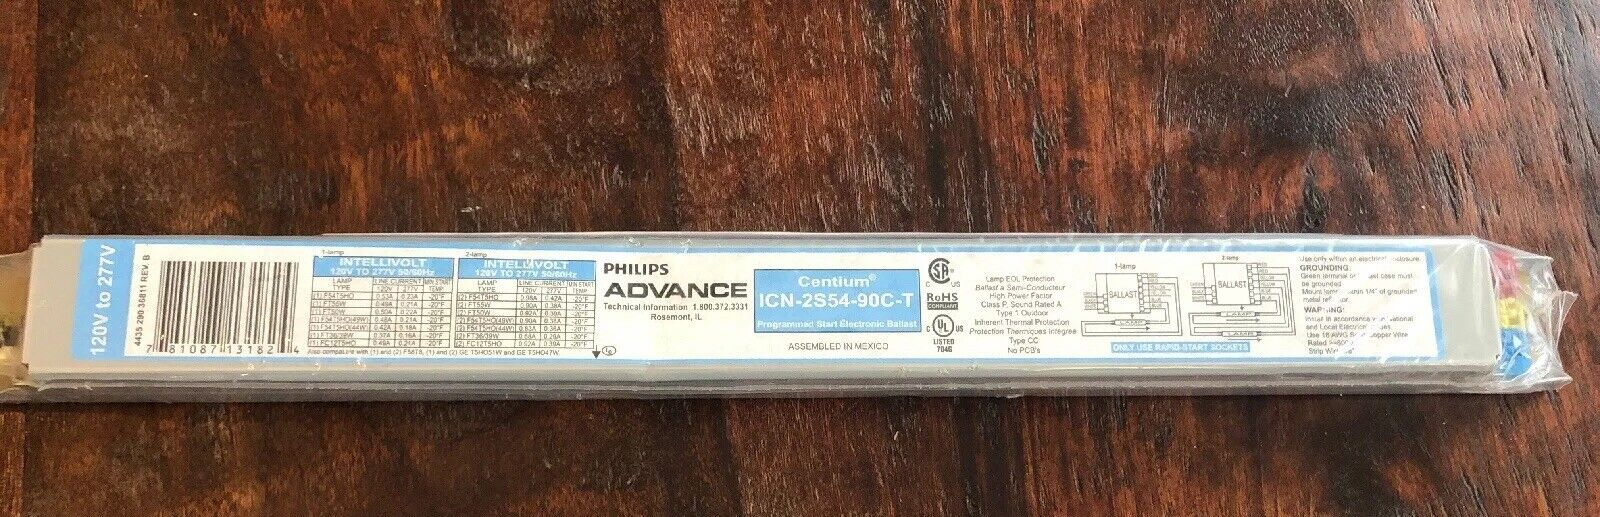 Philips Advance Intellivolt Centium ICN-2S28N 2 Lamp Ballast 120V F 277V